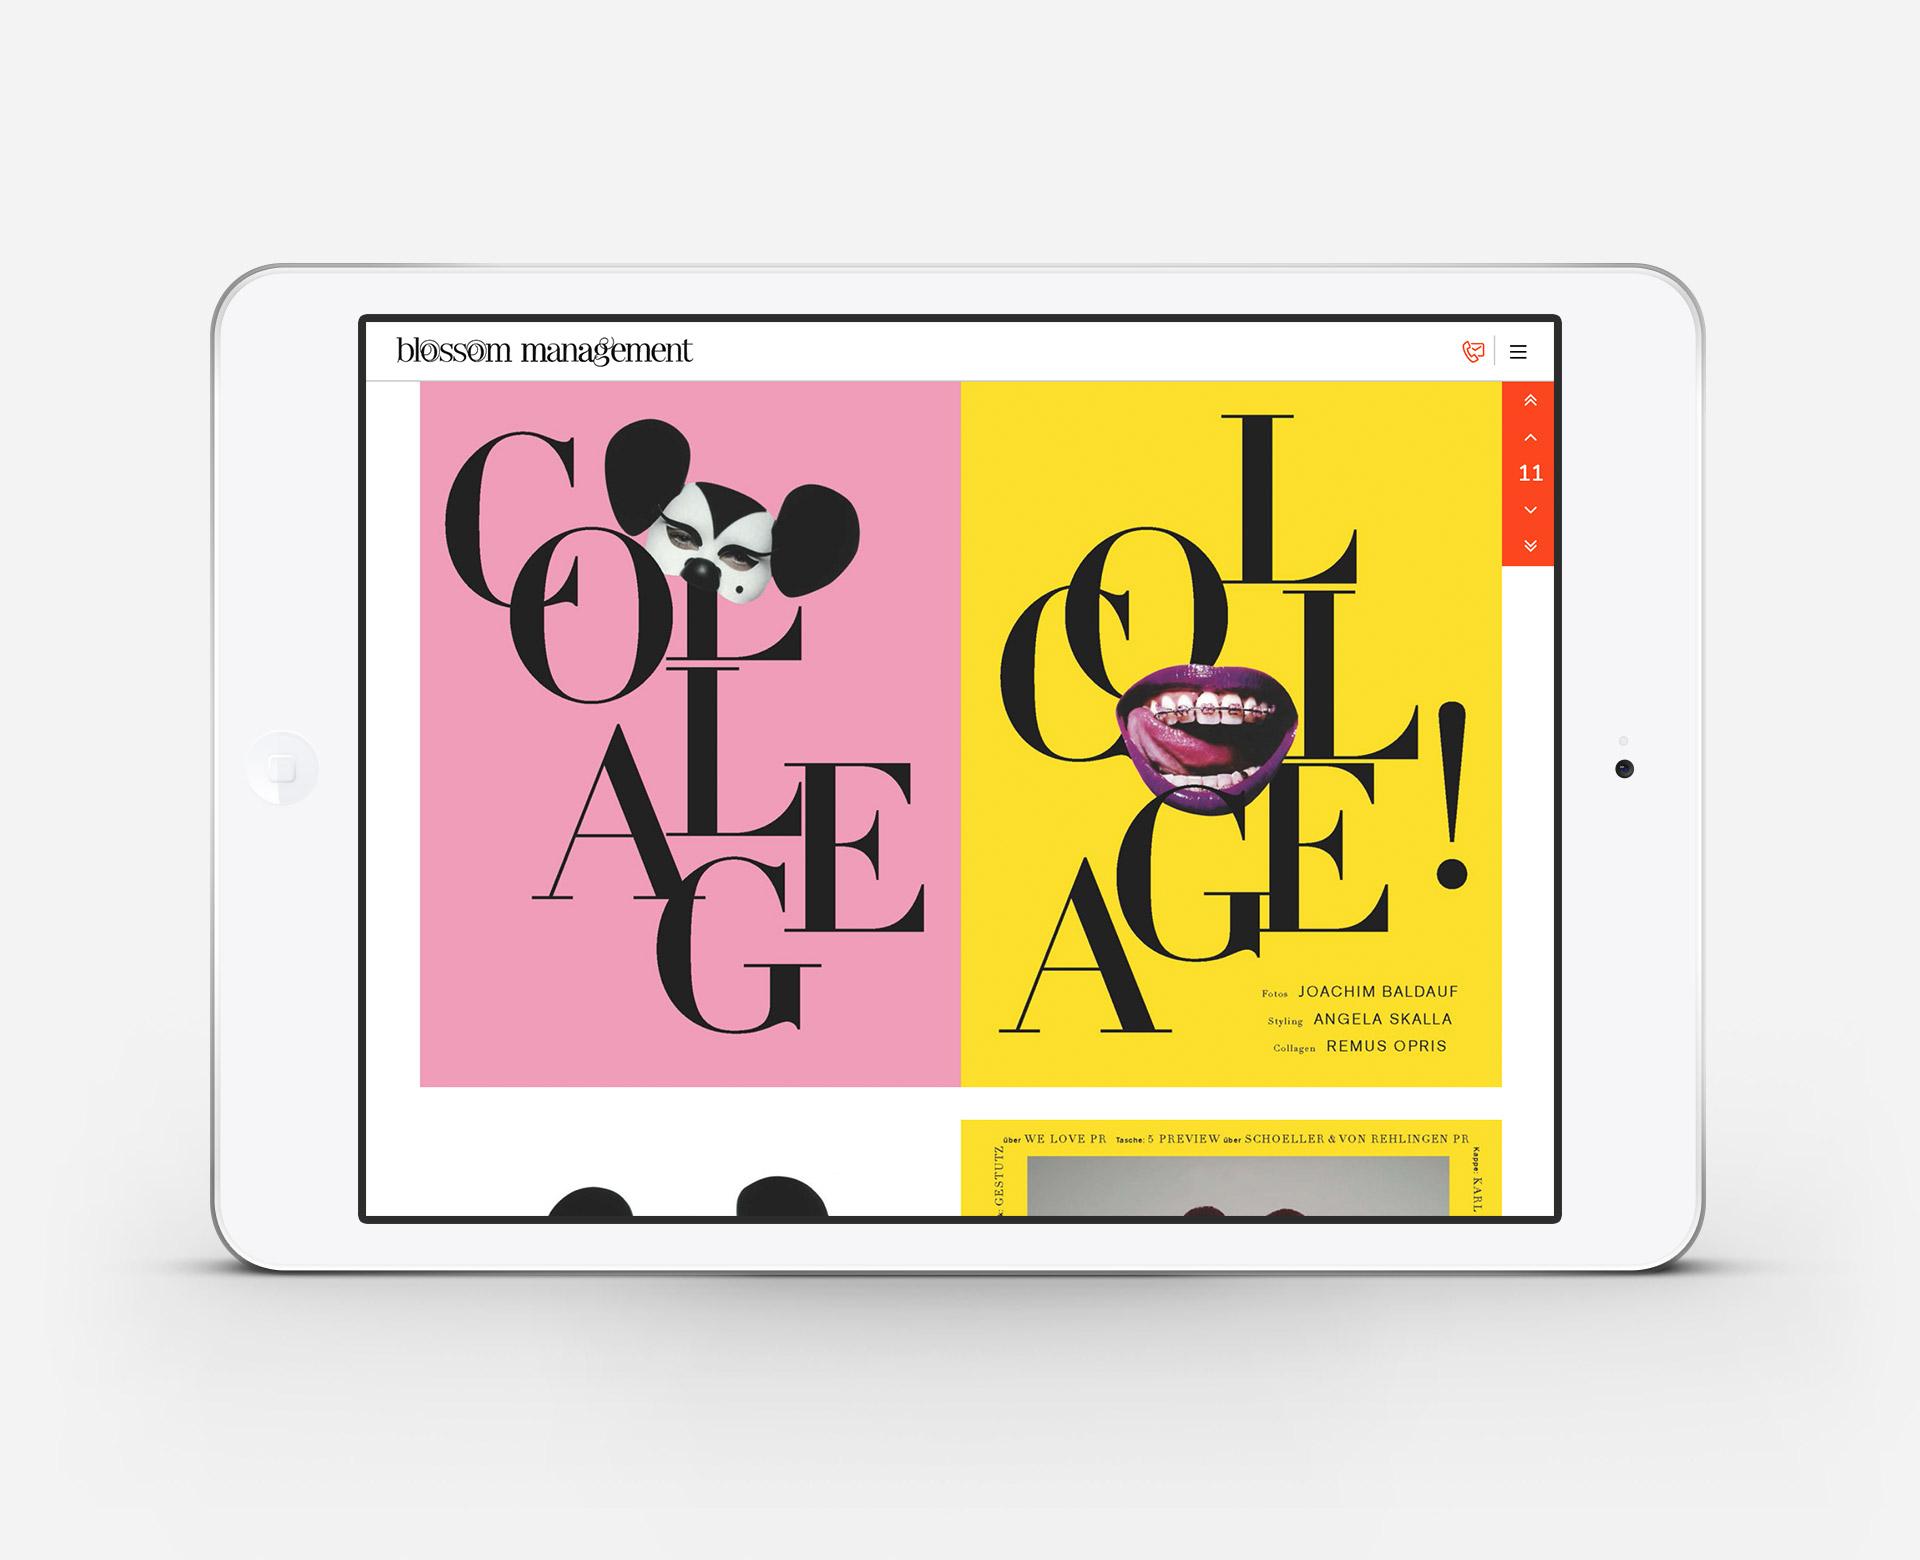 Blossom Management Ansicht der Magazin Seite auf dem iPad nach dem Website-Relaunch